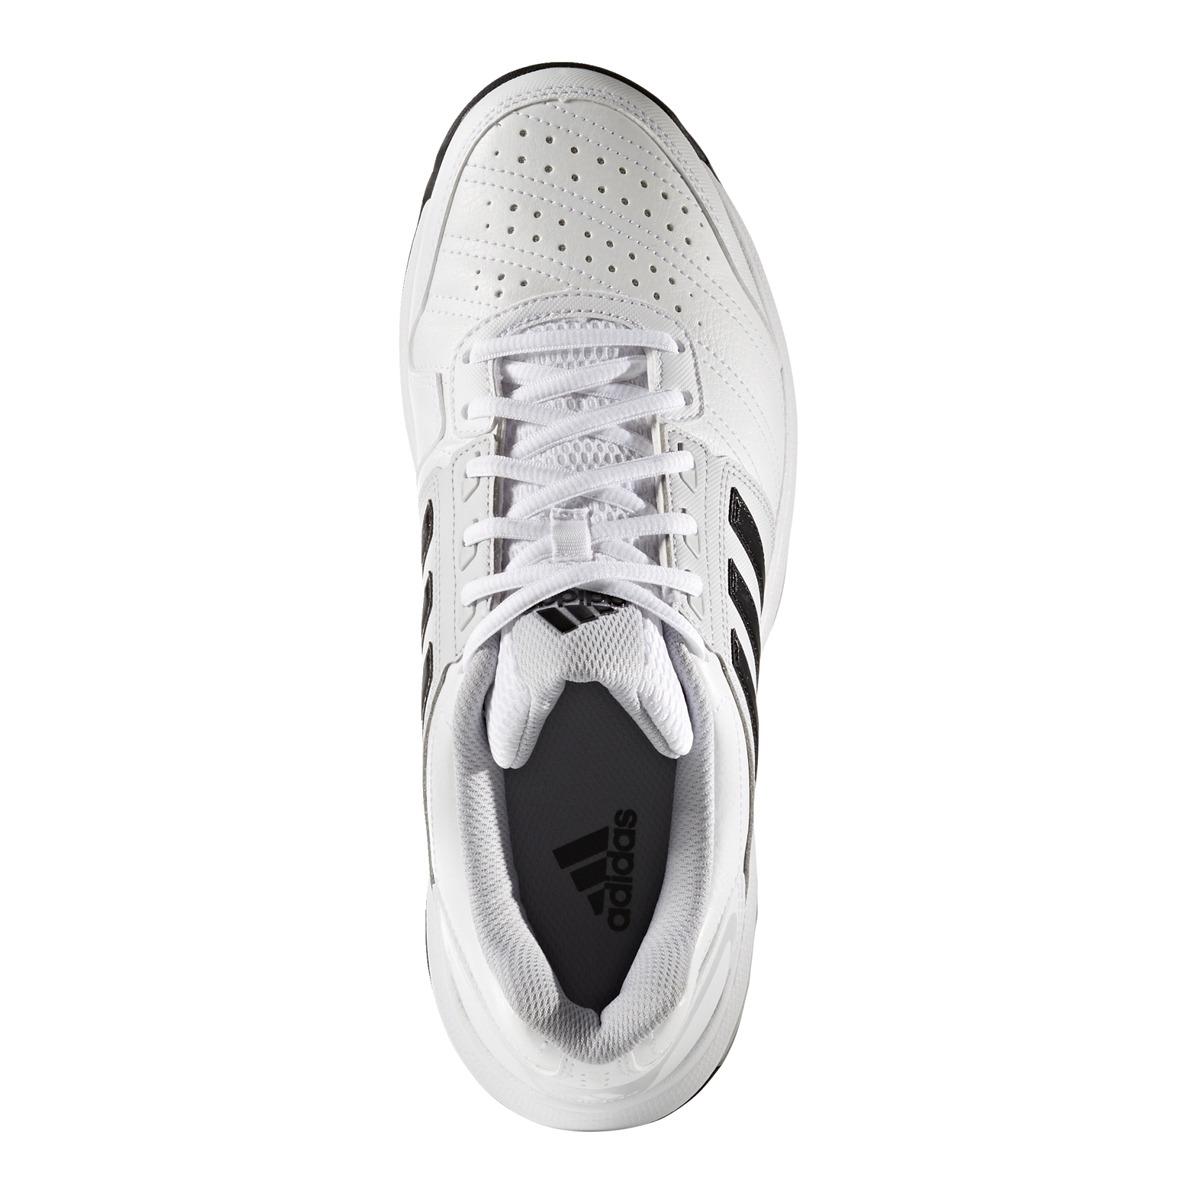 on sale 9f0ac 366e1 zapatillas adidas hombre. Cargando zoom.